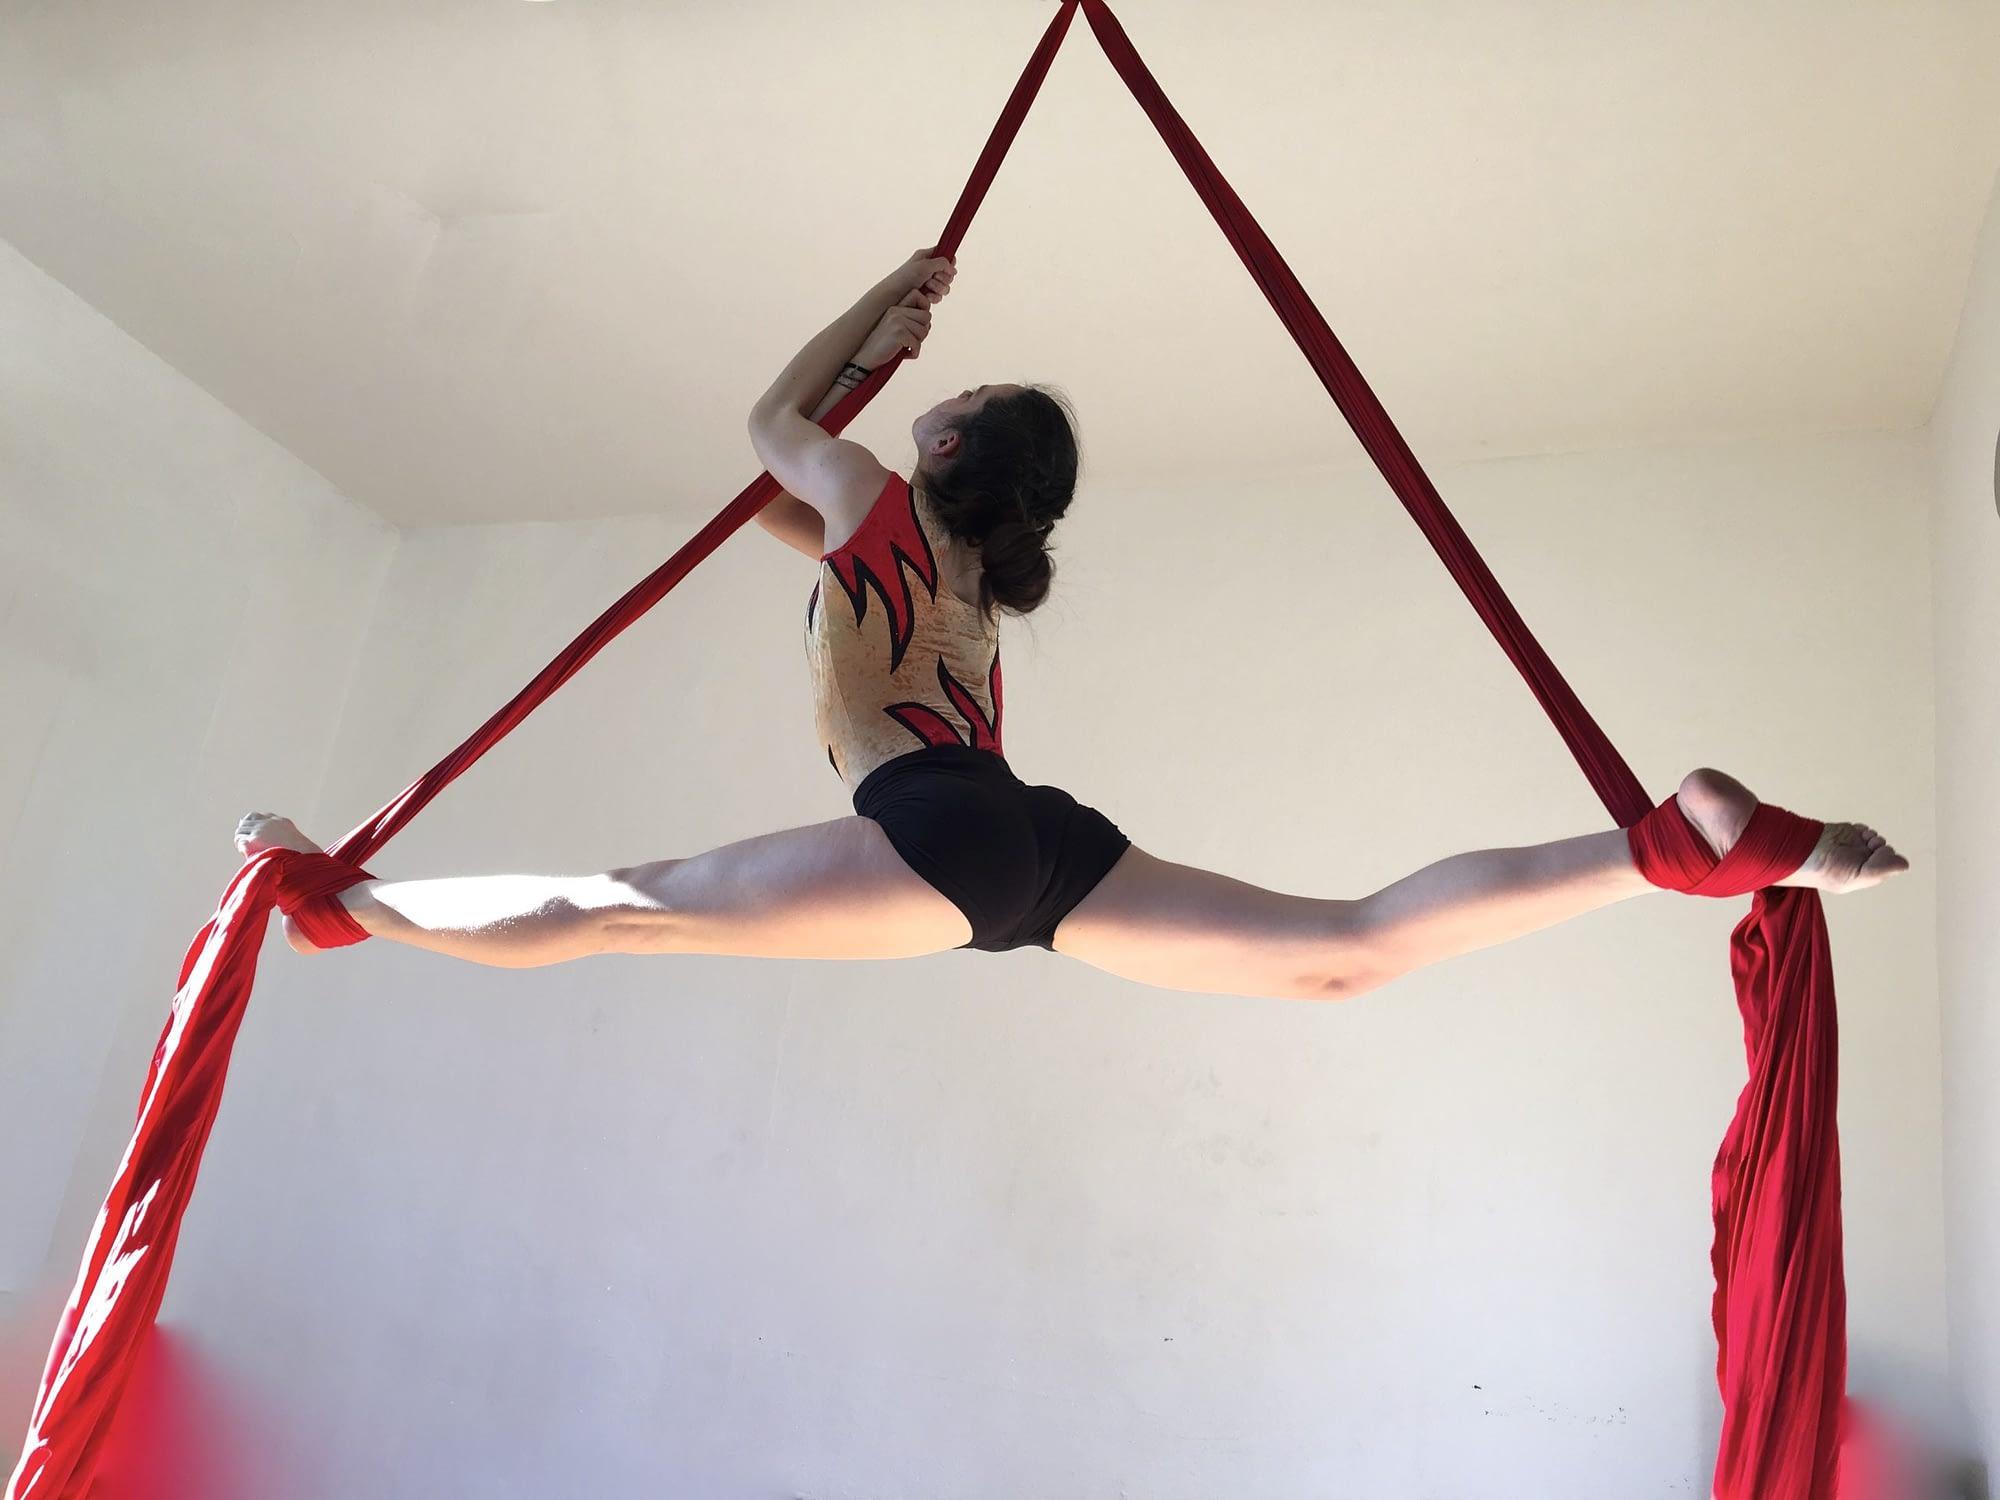 Corsi di circo d'estate con Anna e Andreas Manz